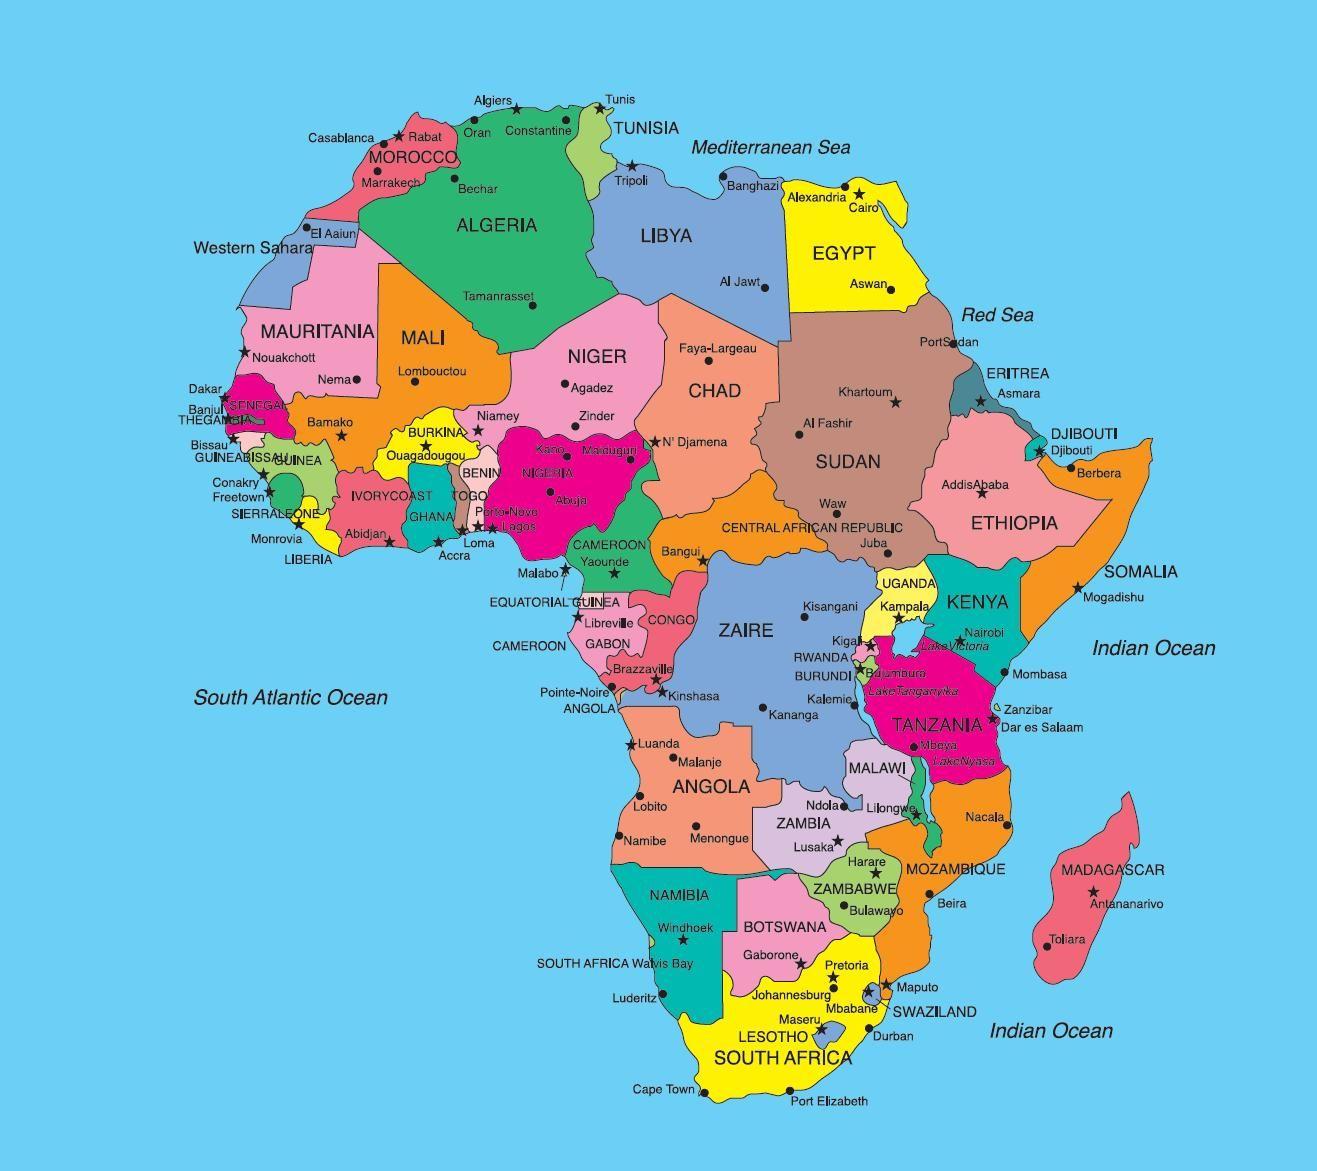 Cartina Africa Con Stati E Capitali.Risultati Immagini Per Mappa Degli Stati Africani Con